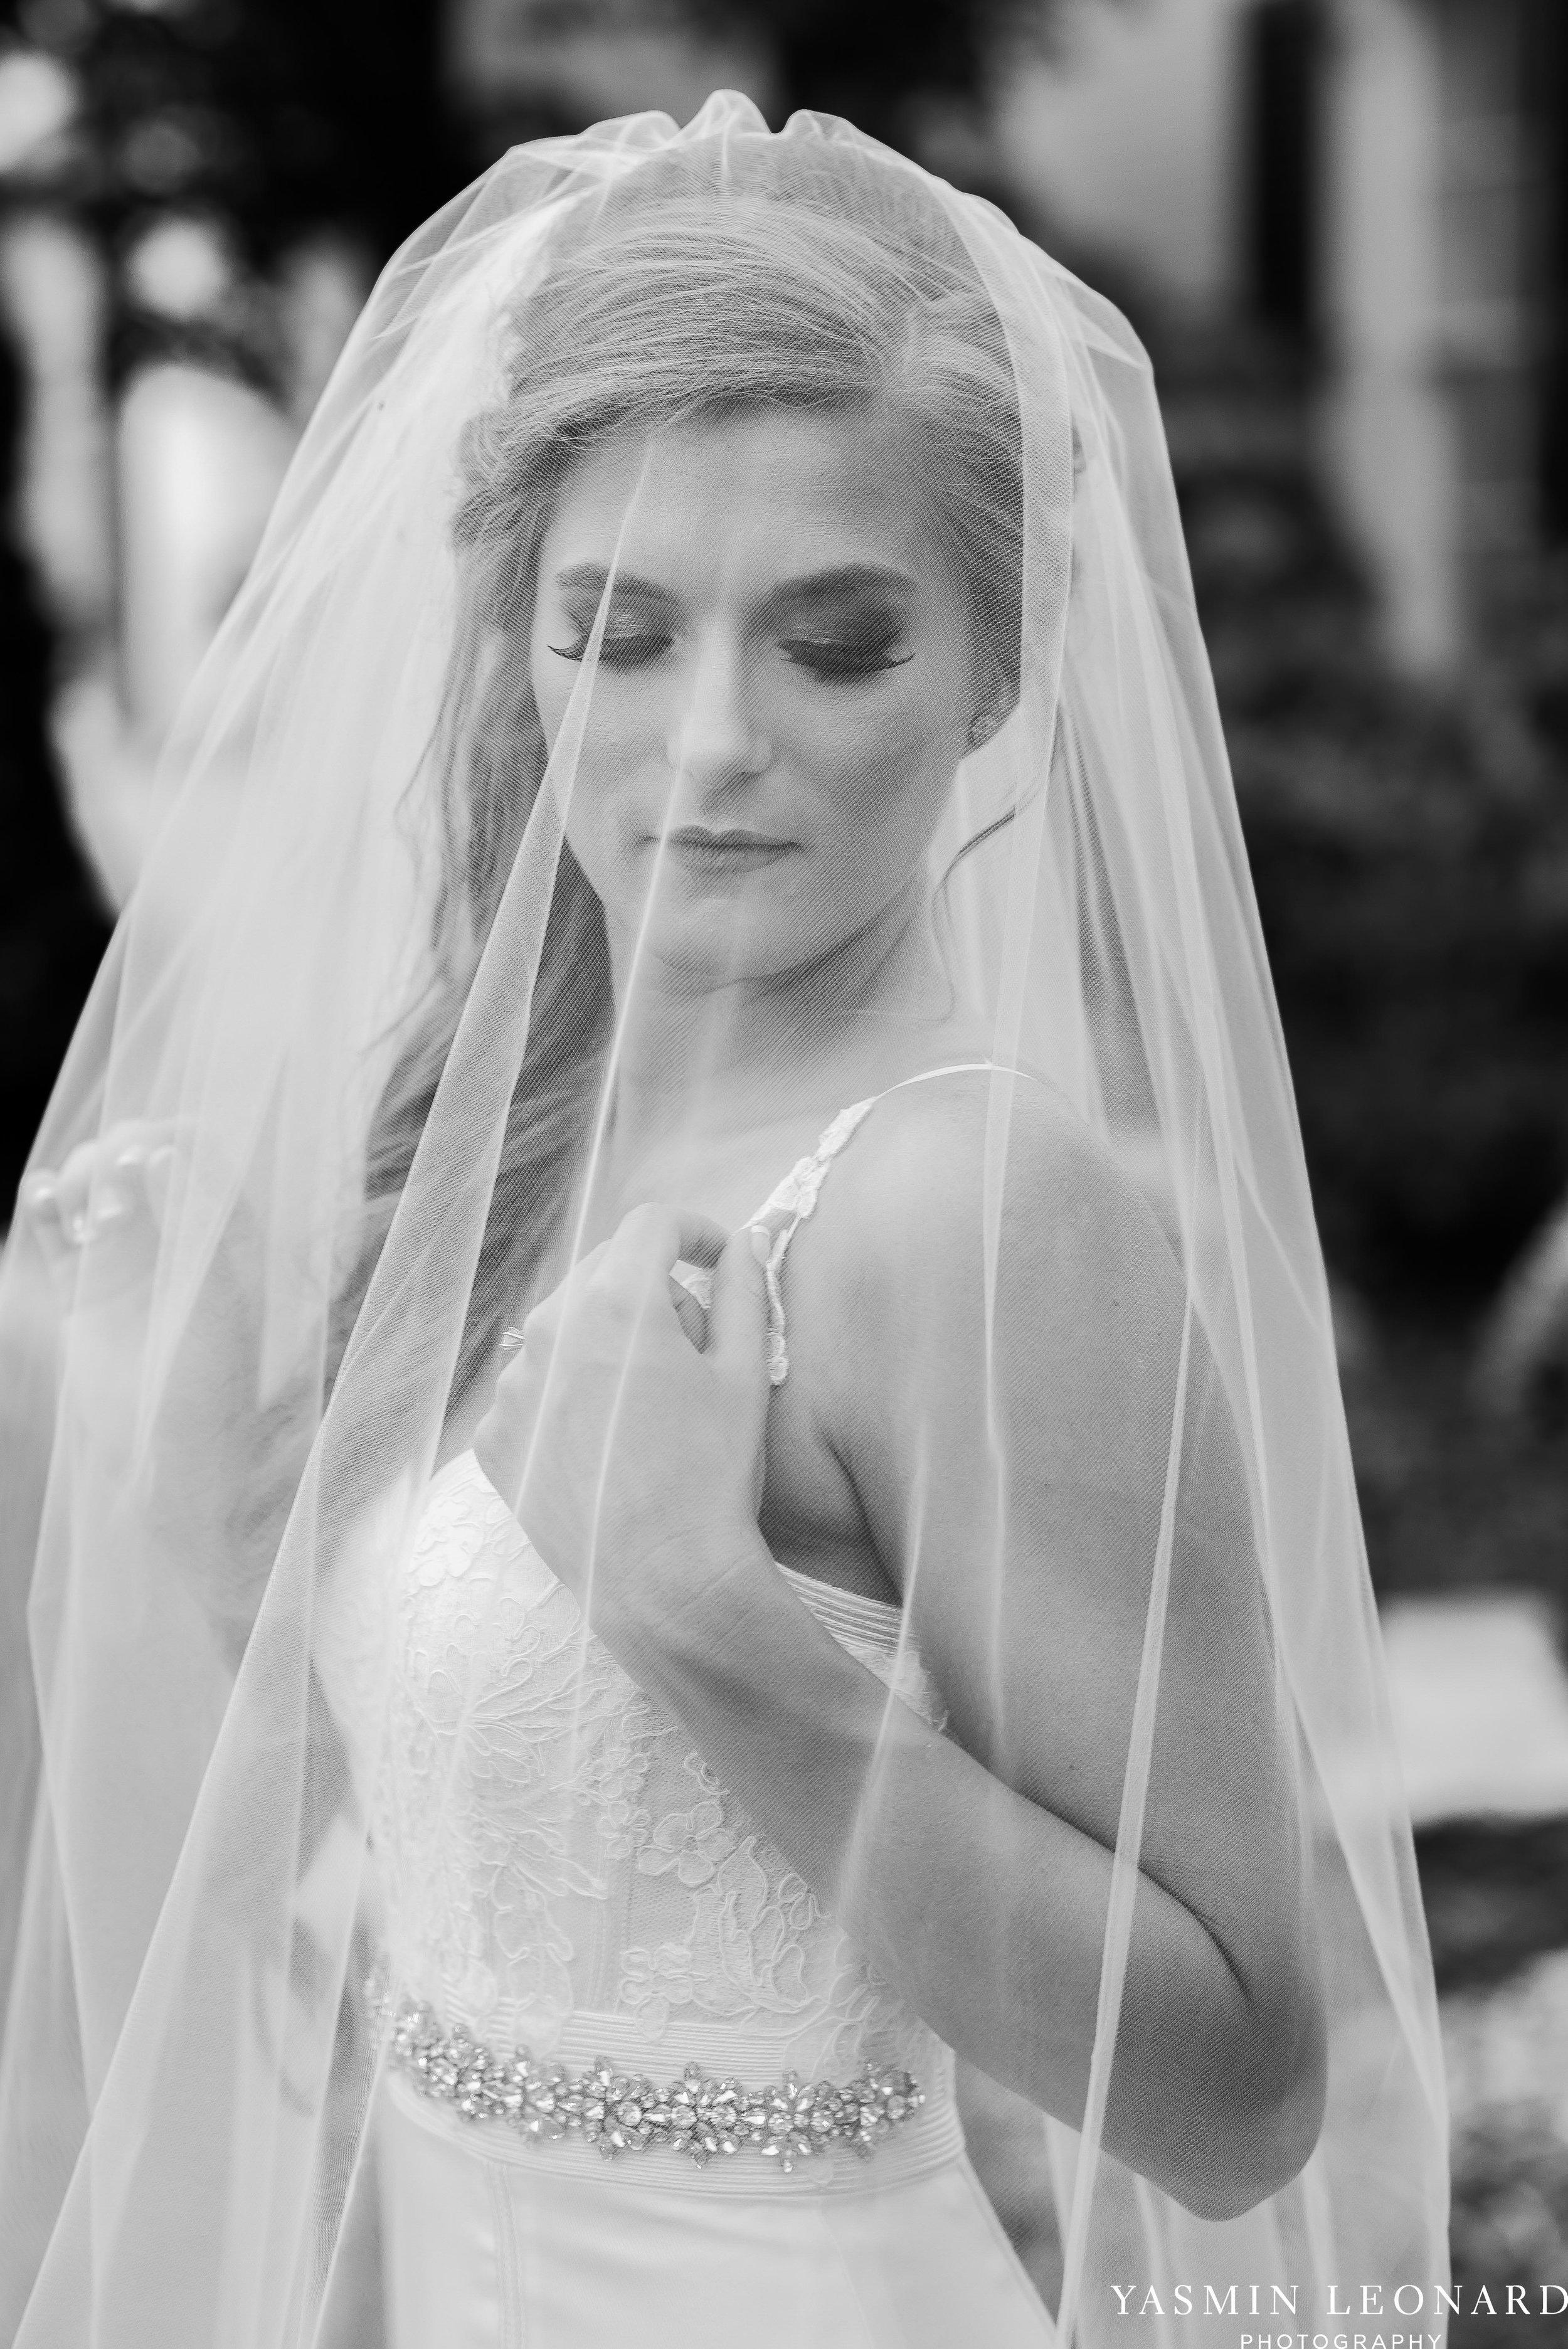 Boxwood Estate - Boxwood Estate Wedding - Luxury Wedding - Black and White Wedding - NC Wedding Venues - NC Weddings - NC Photographer - Lantern Release Grand Exit - Large Wedding Party - Yasmin Leonard Photography-15.jpg